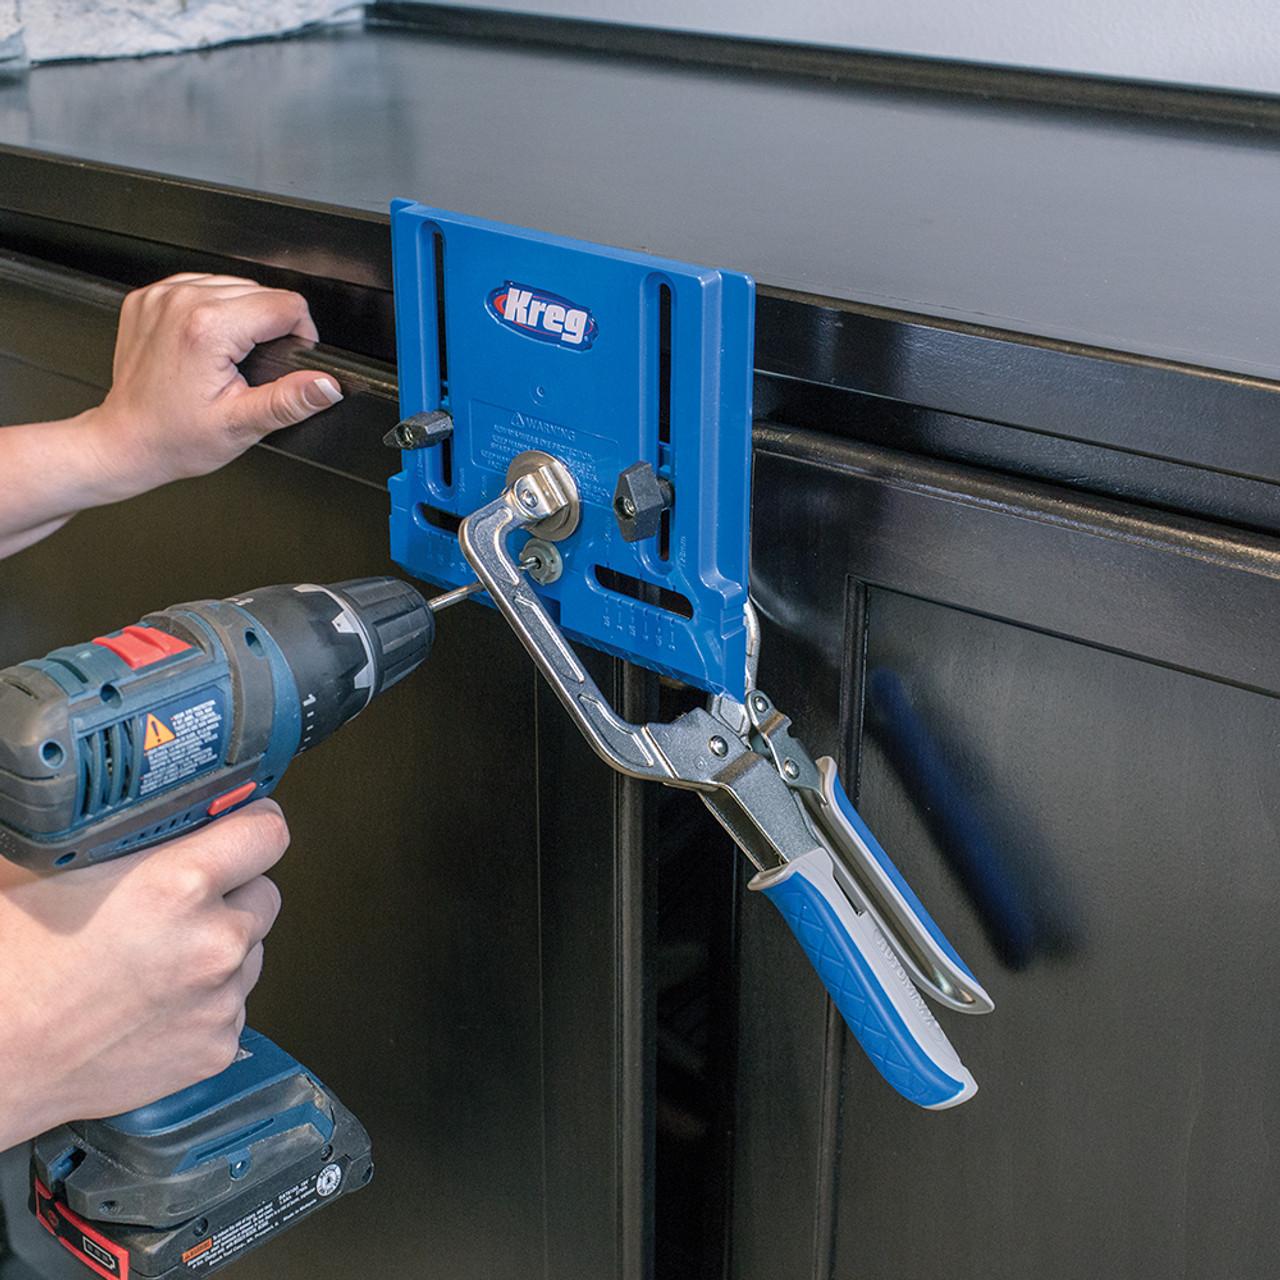 Kreg Drawer Slide Jig with Cabinet Hardware Jig and Concealed Hinge Jig